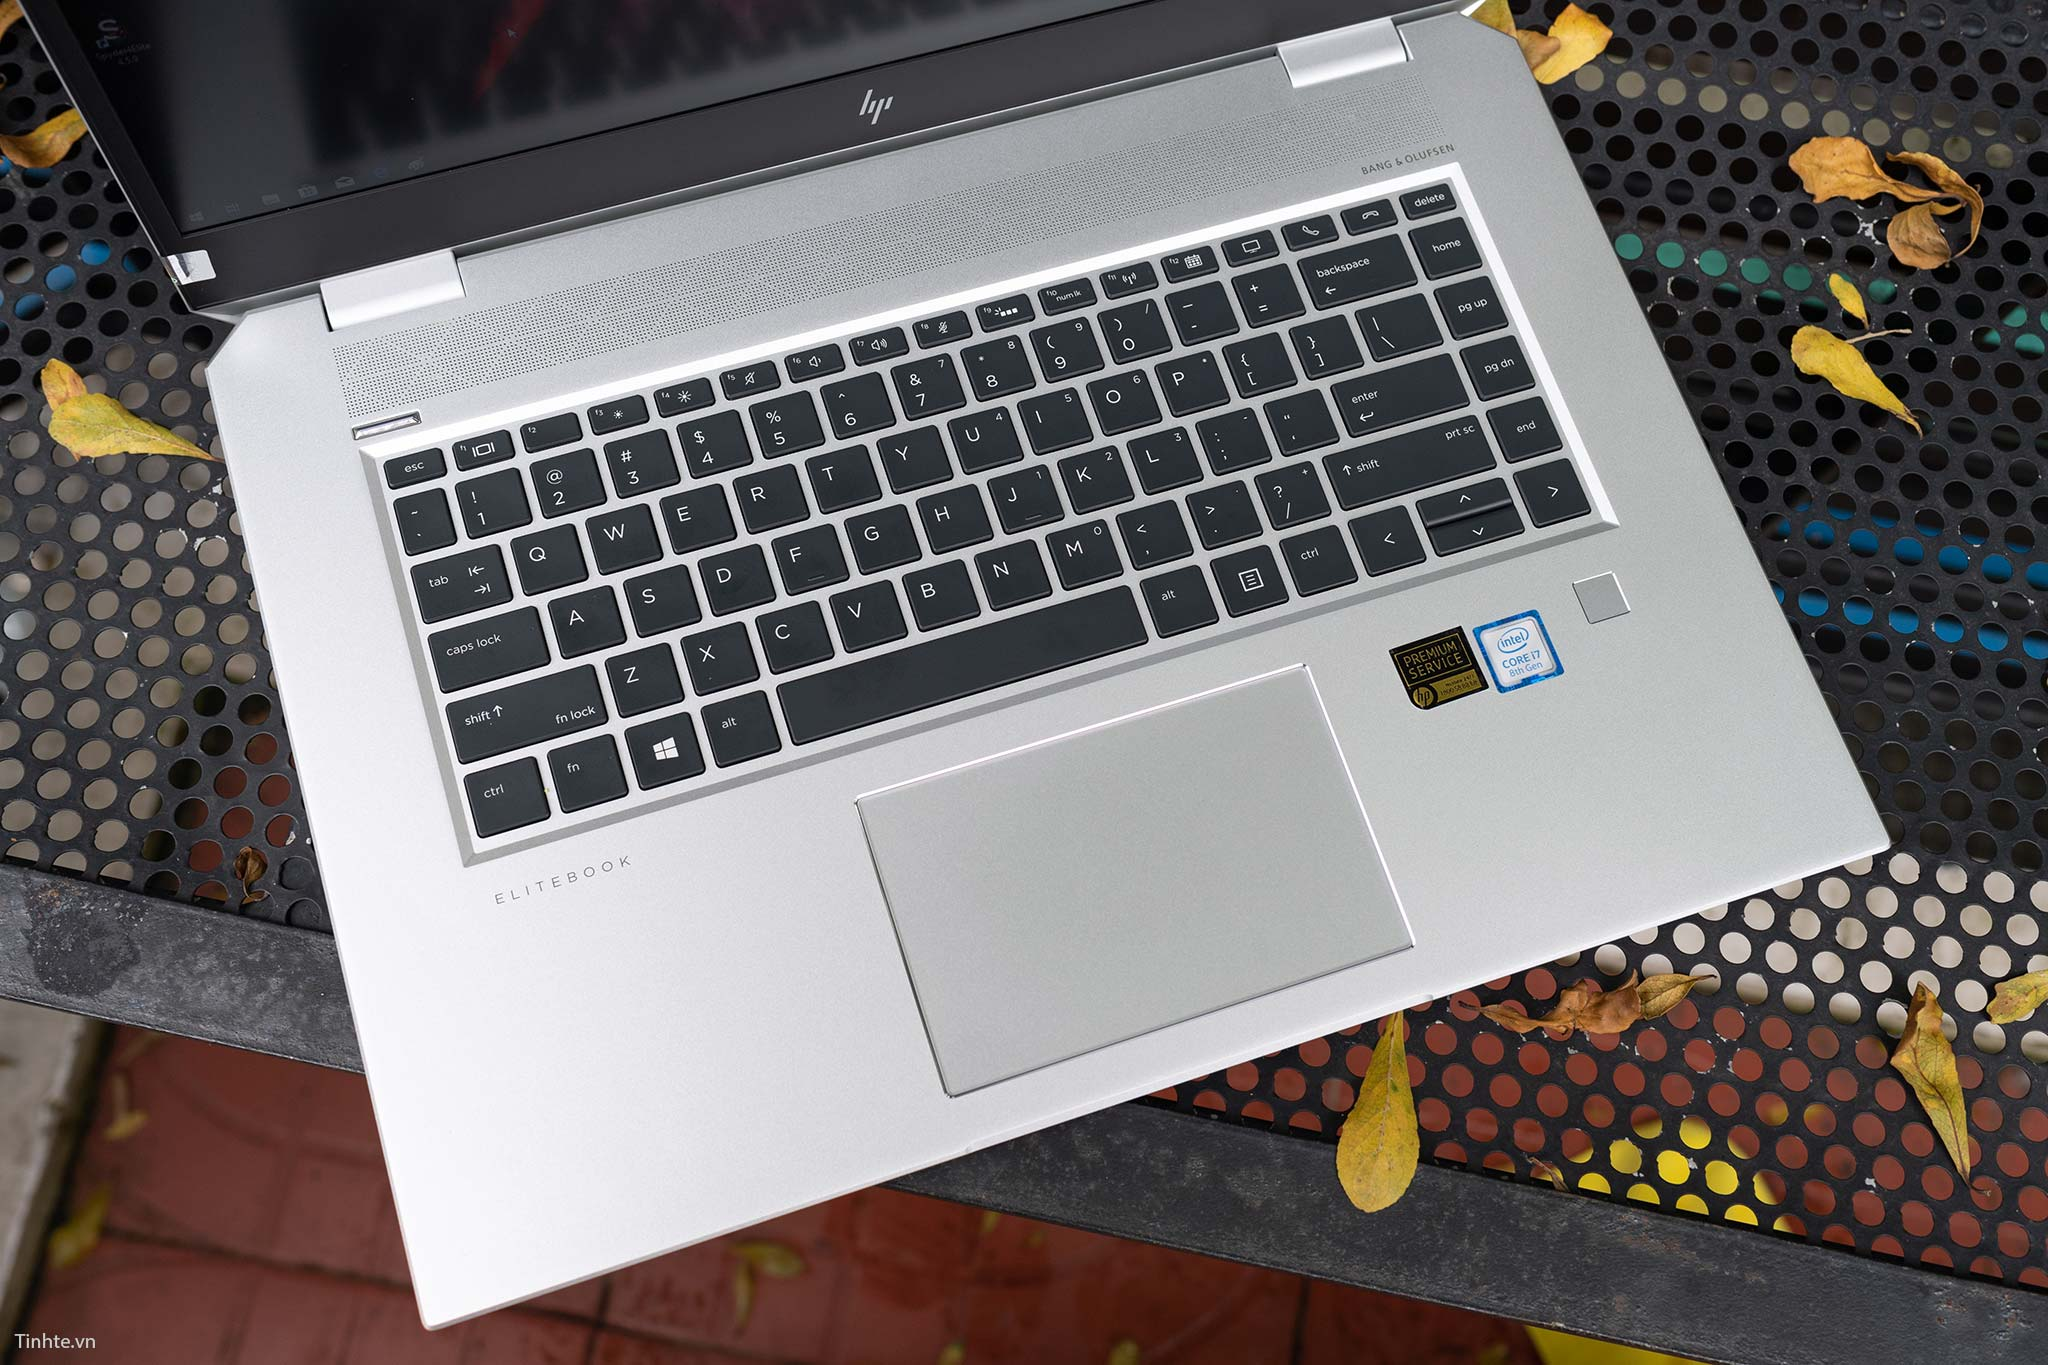 HP Elitebook 1050 G1 (5).jpg